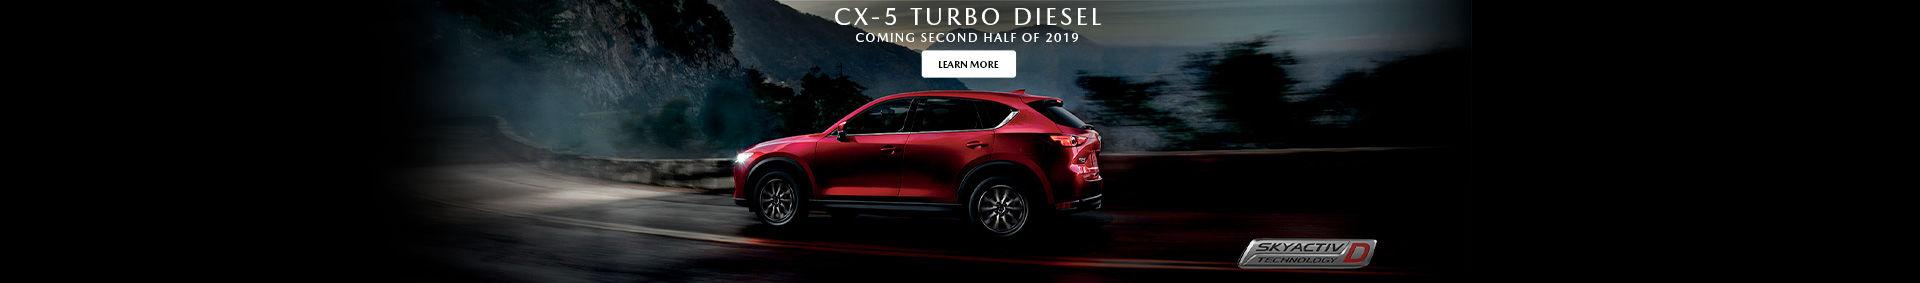 CX-5 Turbo Diesel